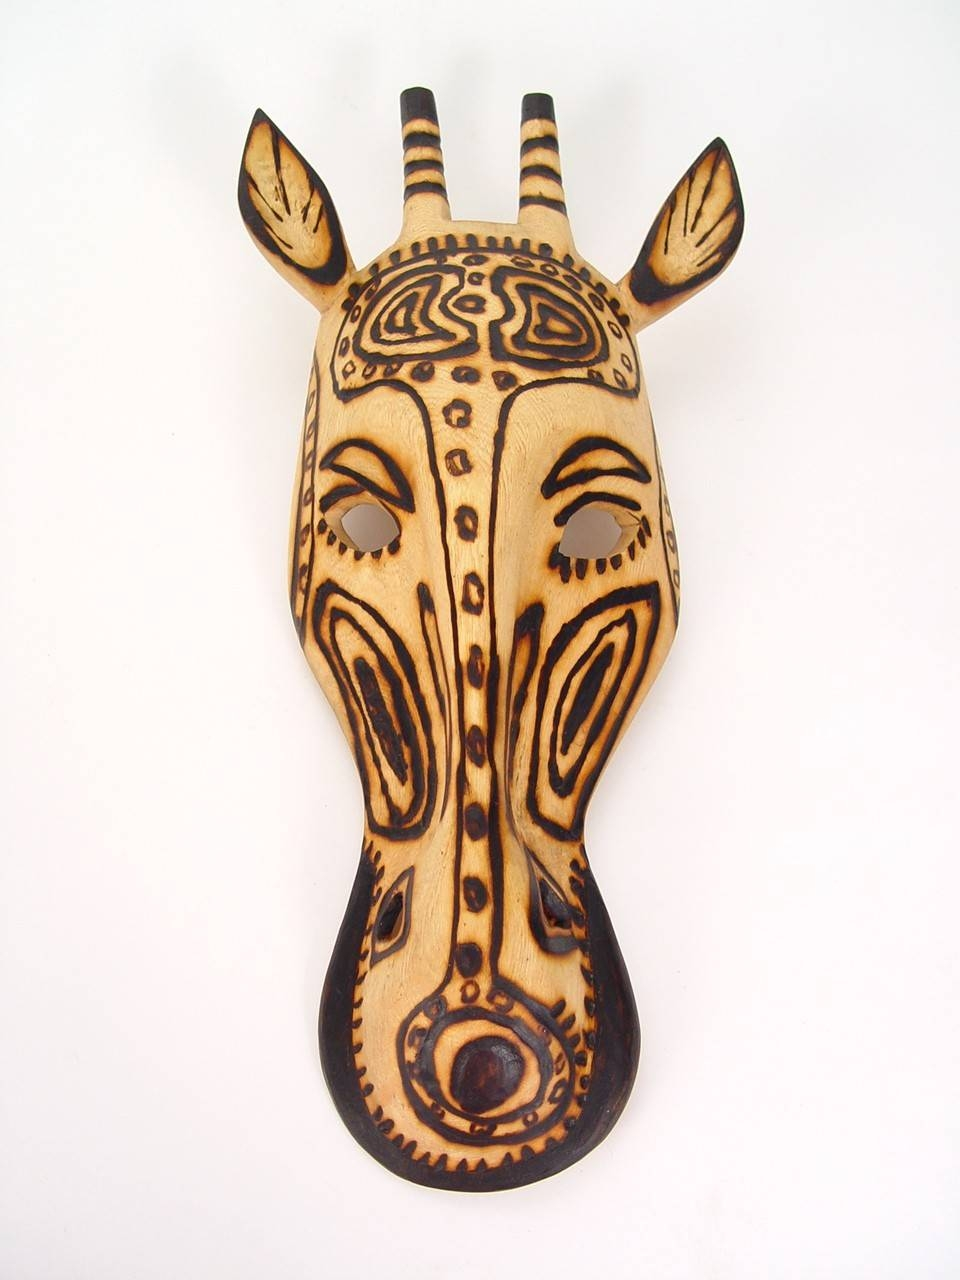 Handmade Wall Masks| Metal Wall Art | Wooden Giraffe Mask For Current Giraffe Metal Wall Art (View 11 of 20)